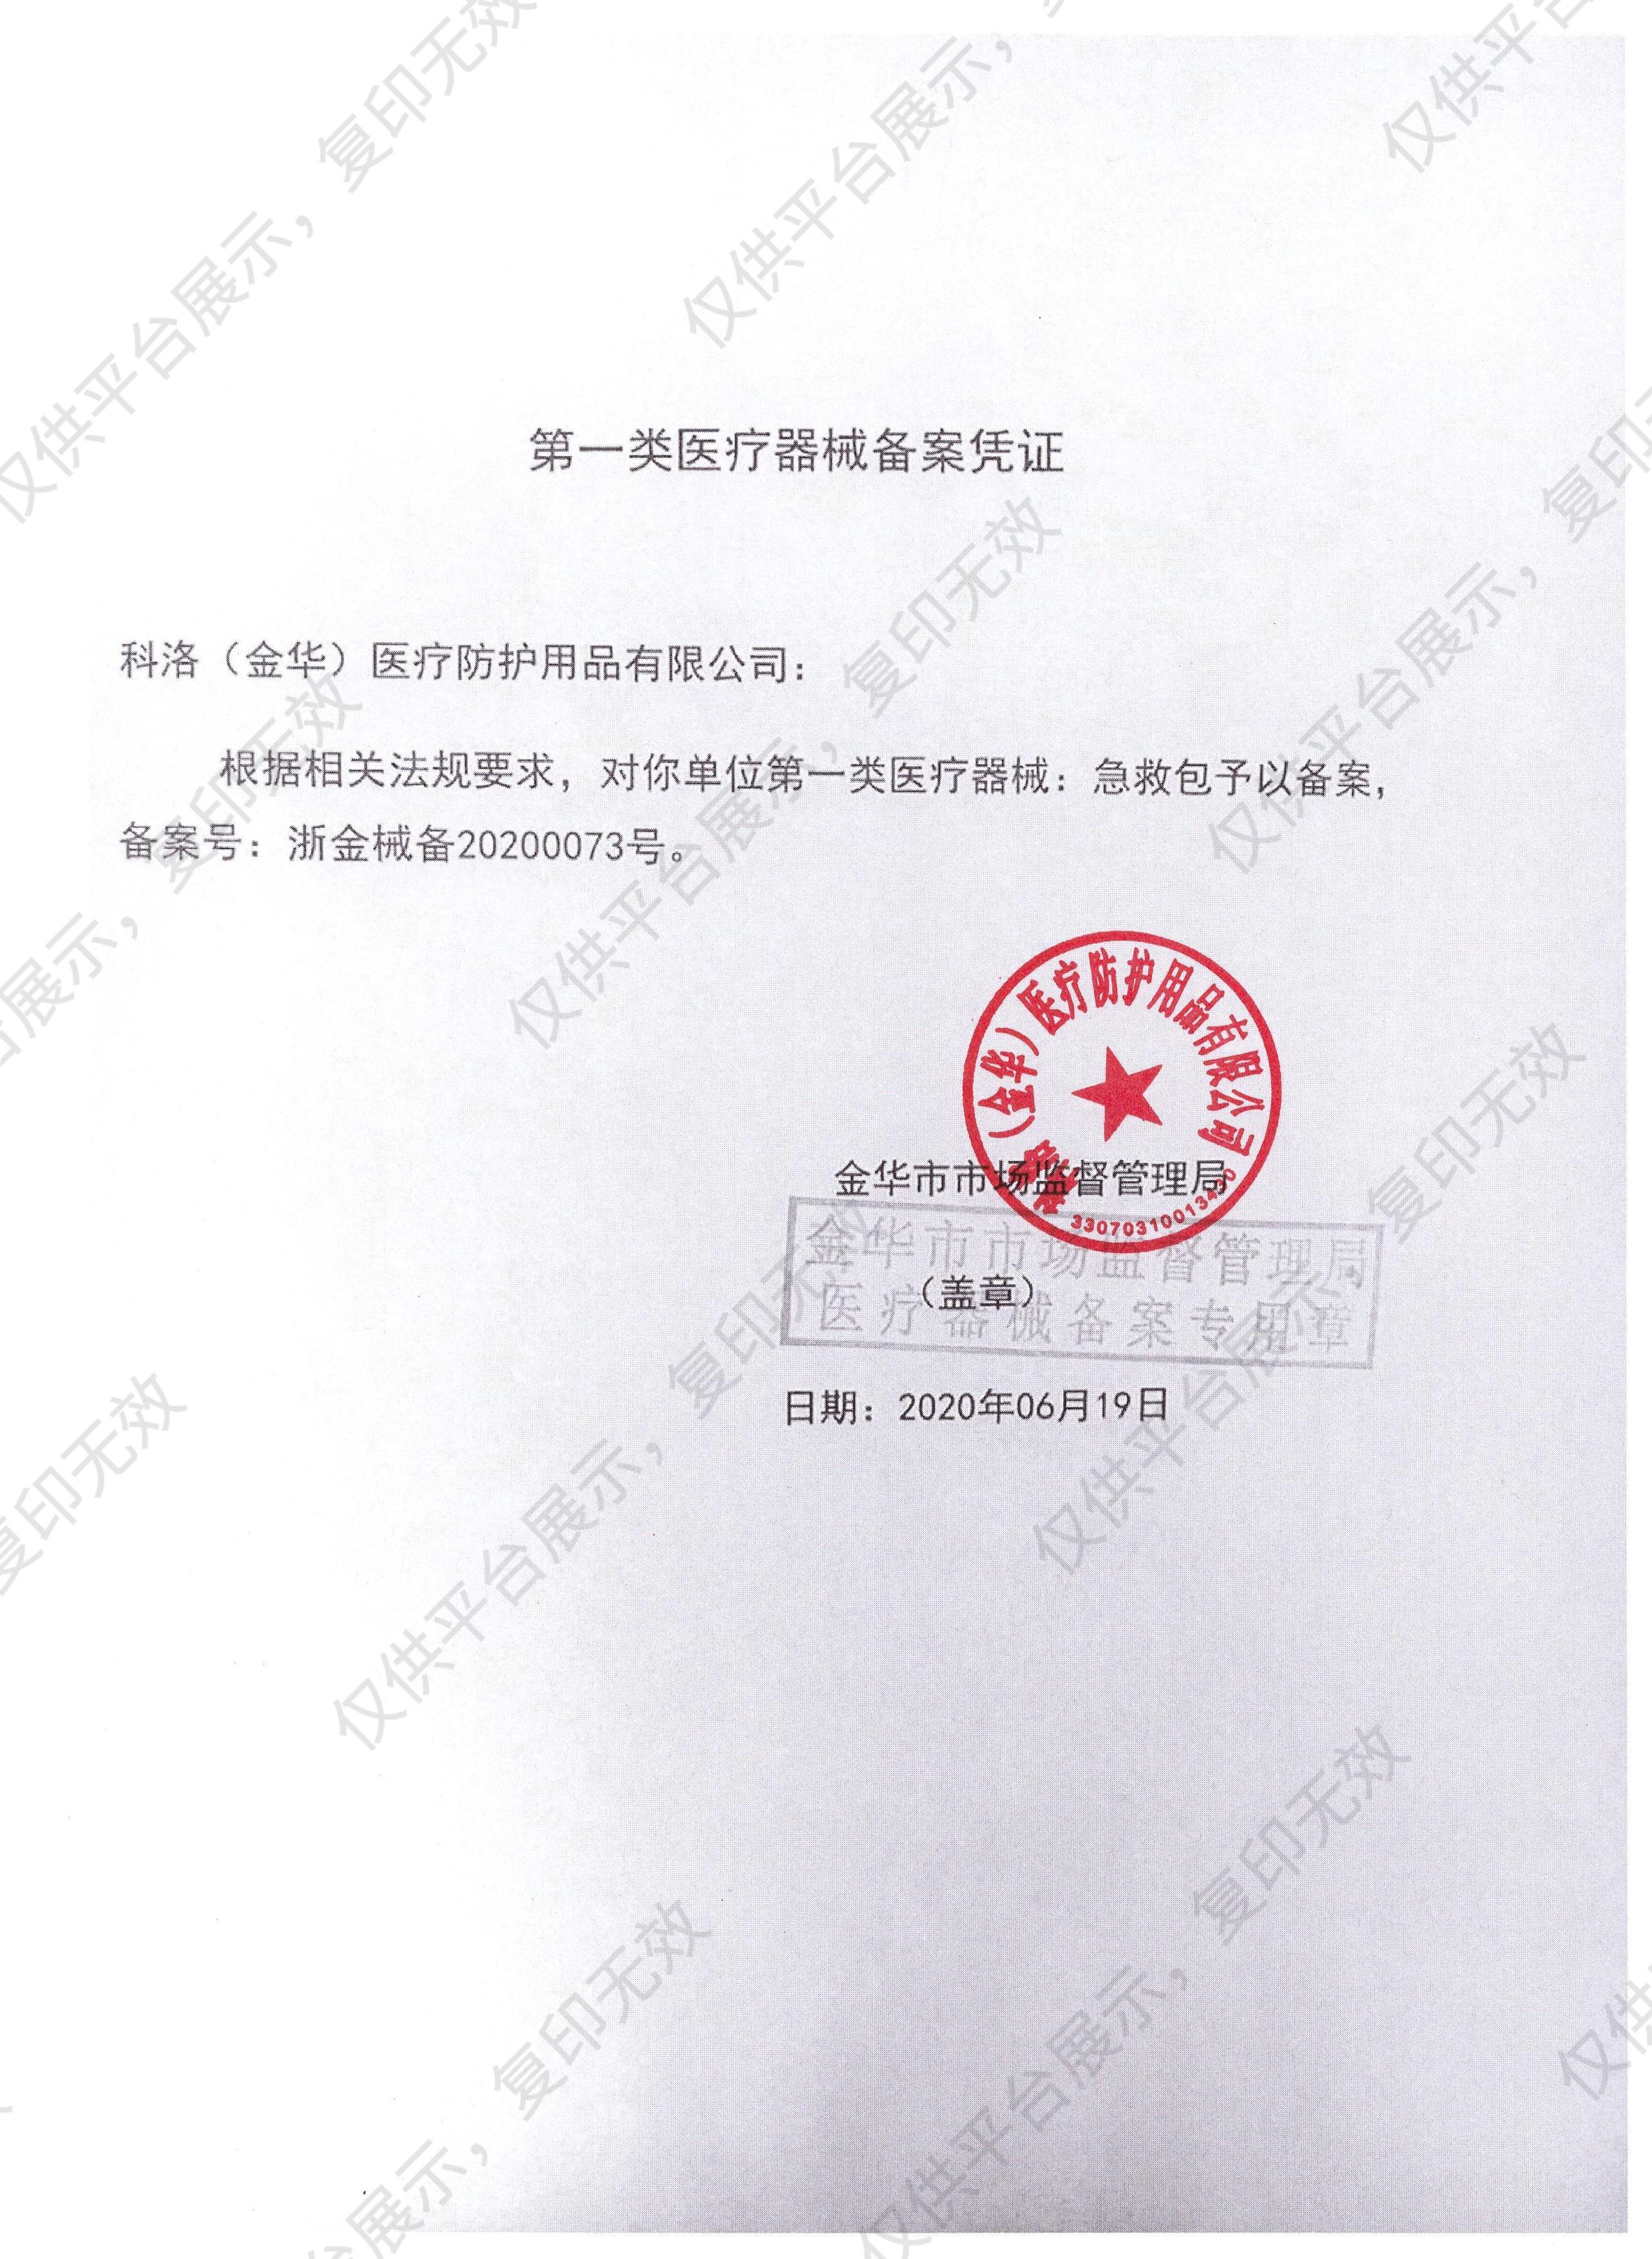 科洛CROR 综合急救包 ZE-N-002A注册证